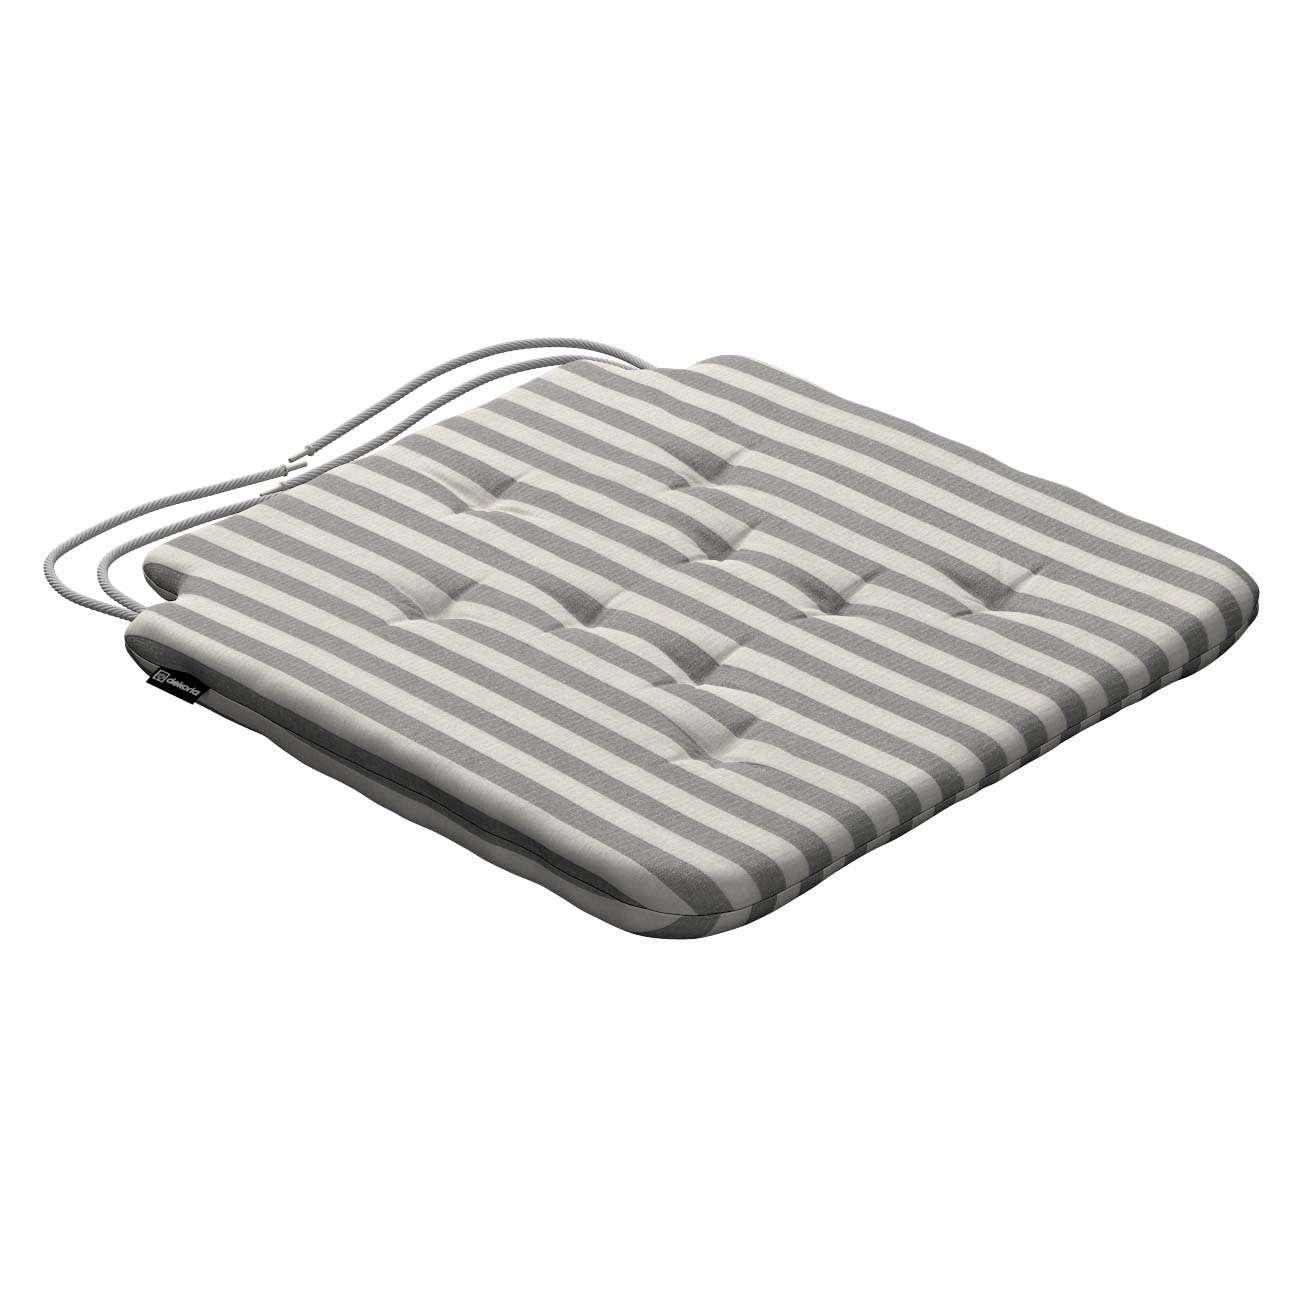 Siedzisko Olek na krzesło 42x41x3,5cm w kolekcji Quadro, tkanina: 136-12